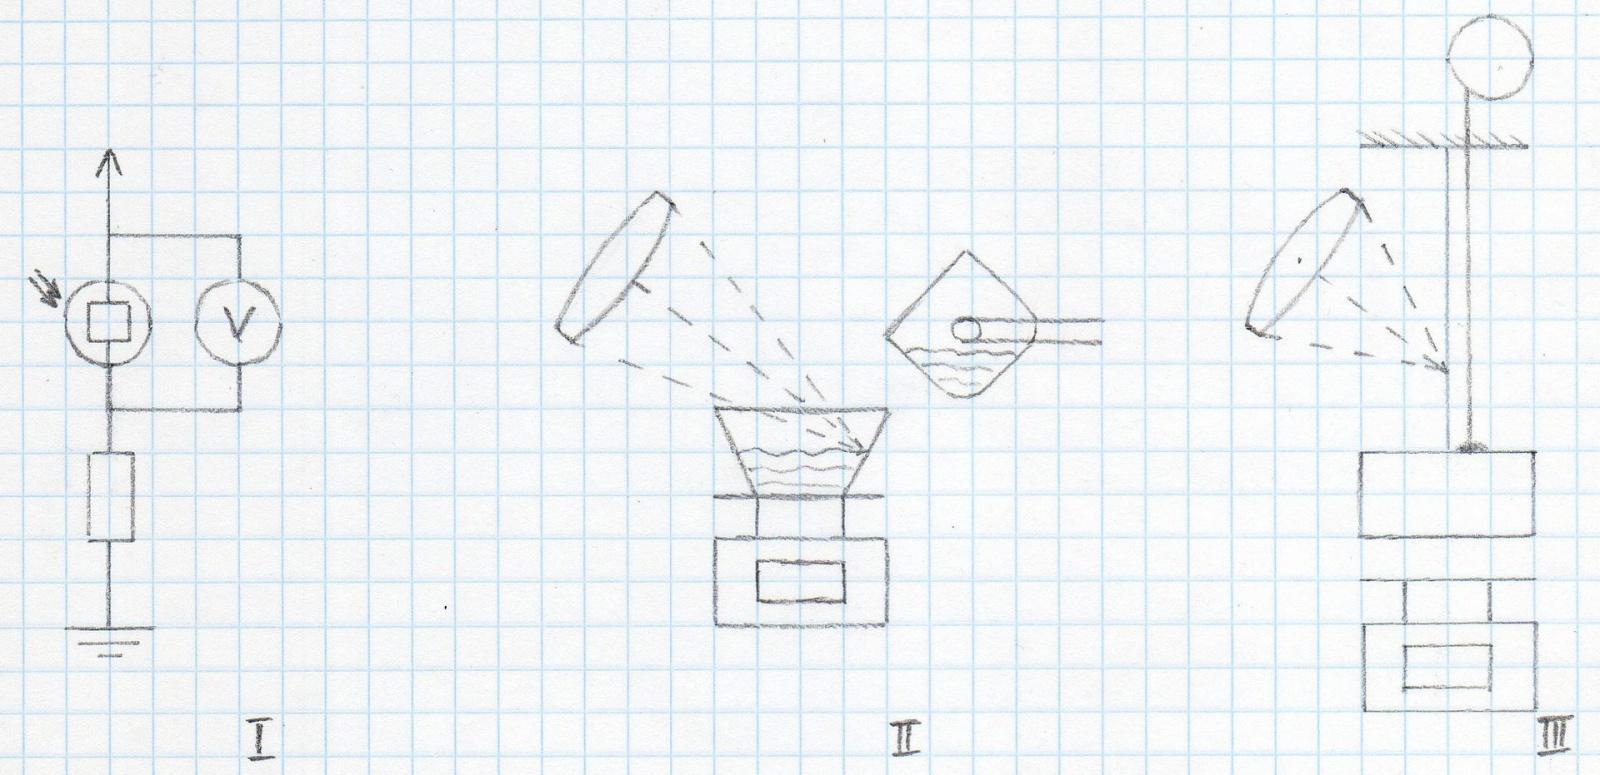 Машина Голдберга в реальной жизни. Сложный ли алгоритм действия для сложного механизма? - 4